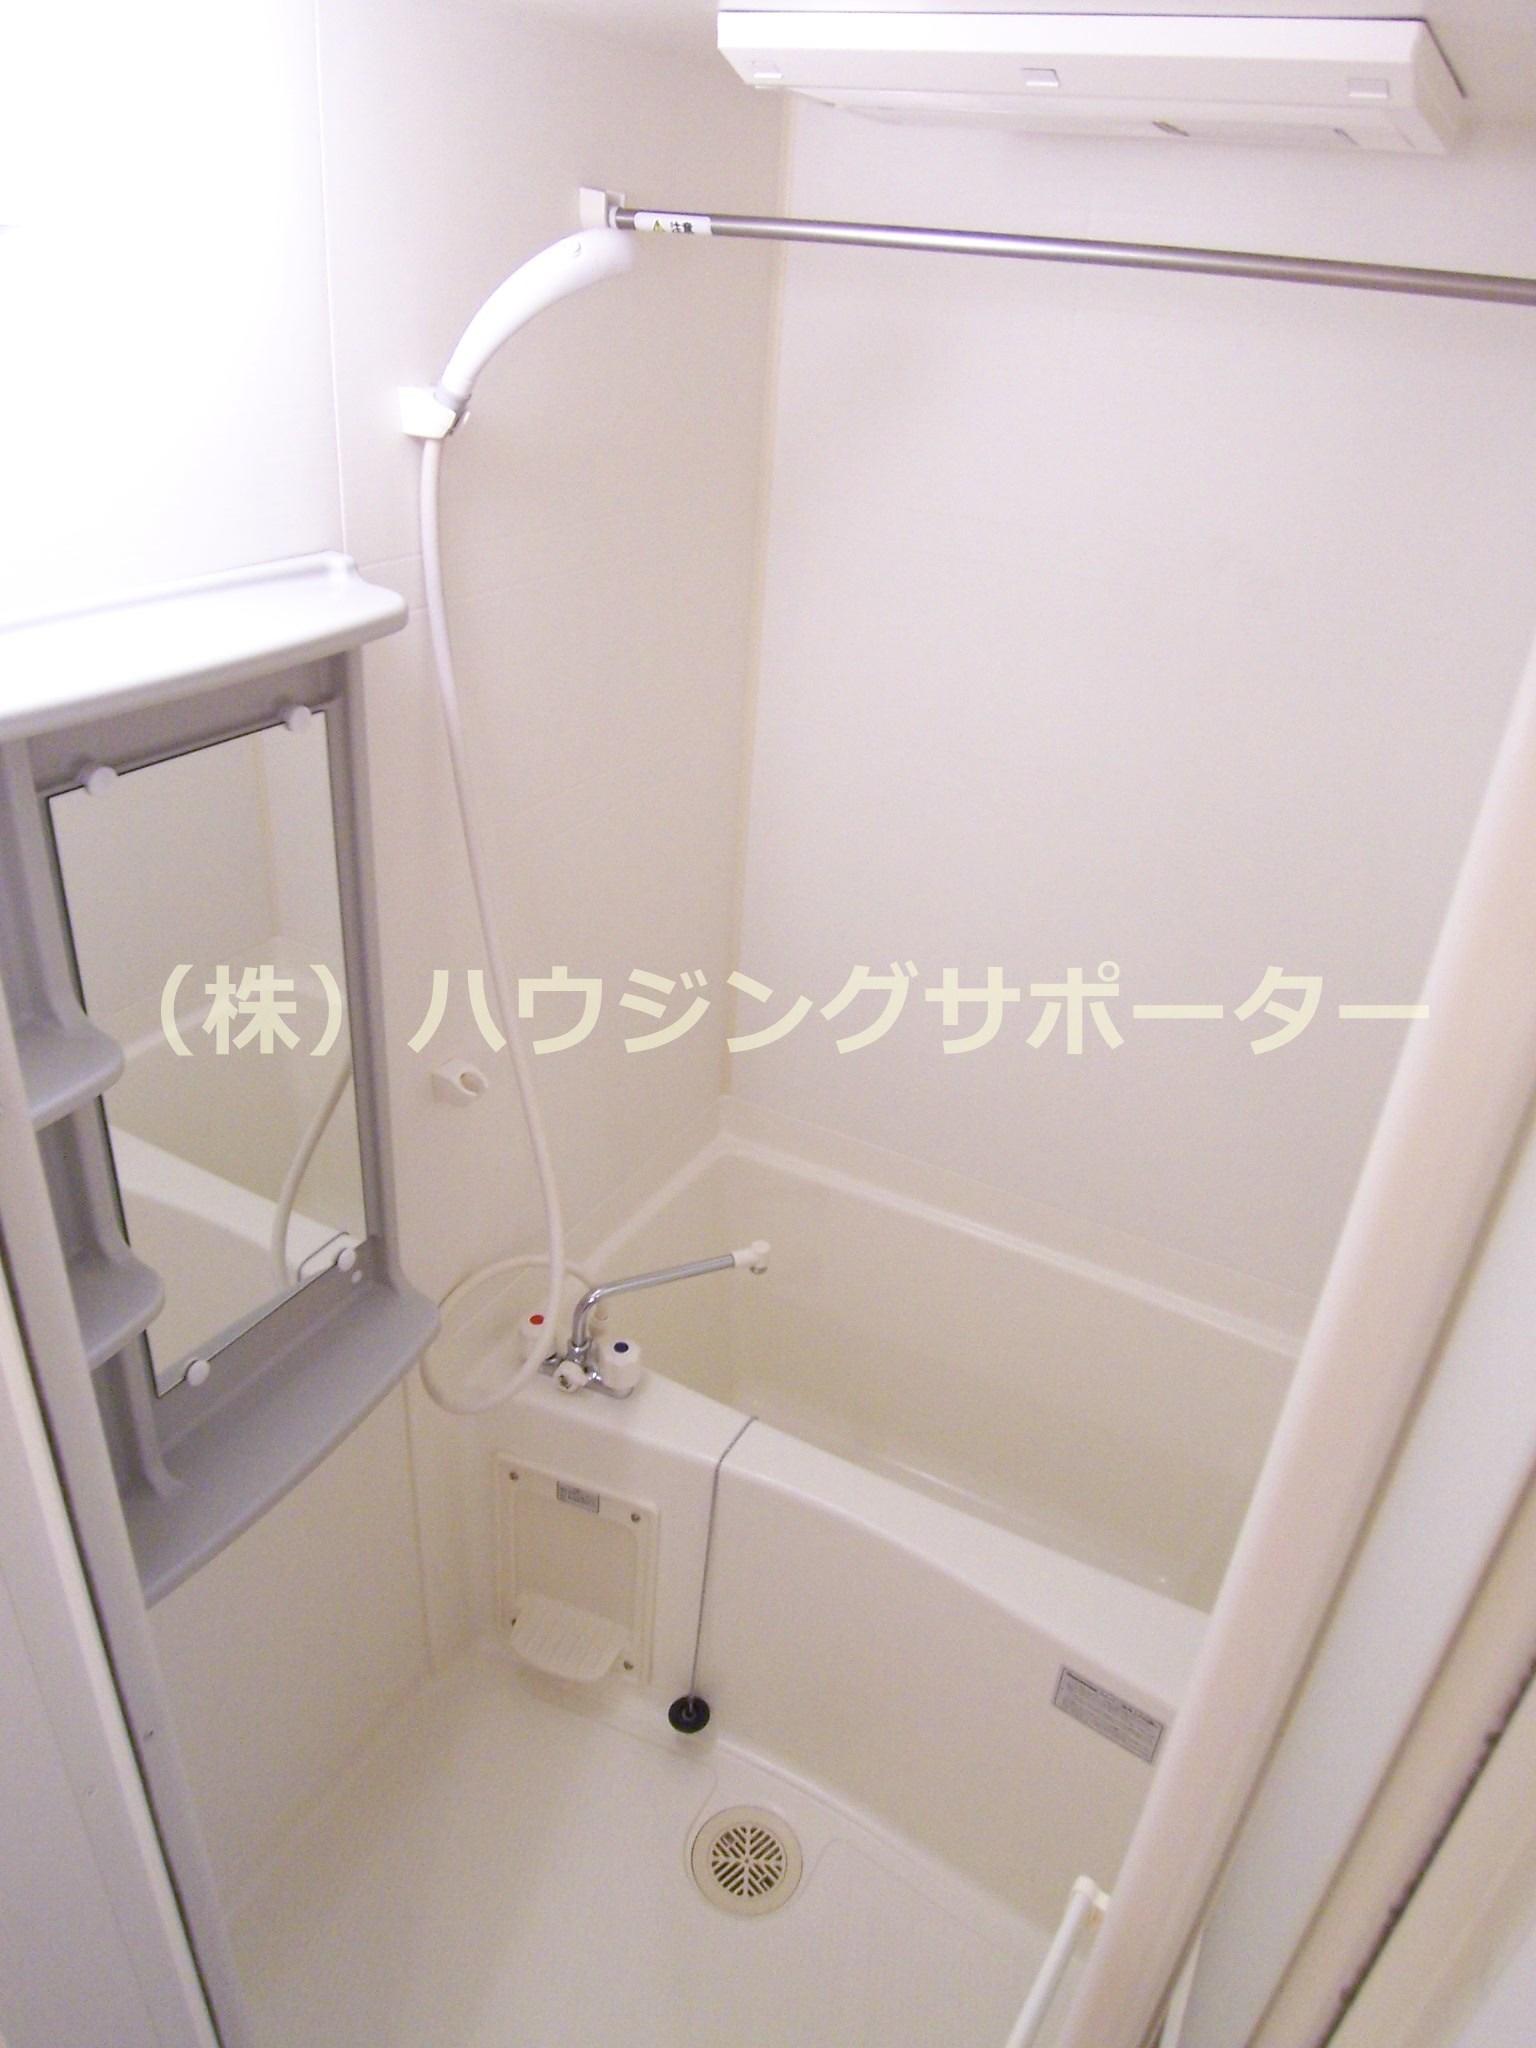 もちろんバス・トイレ別です!